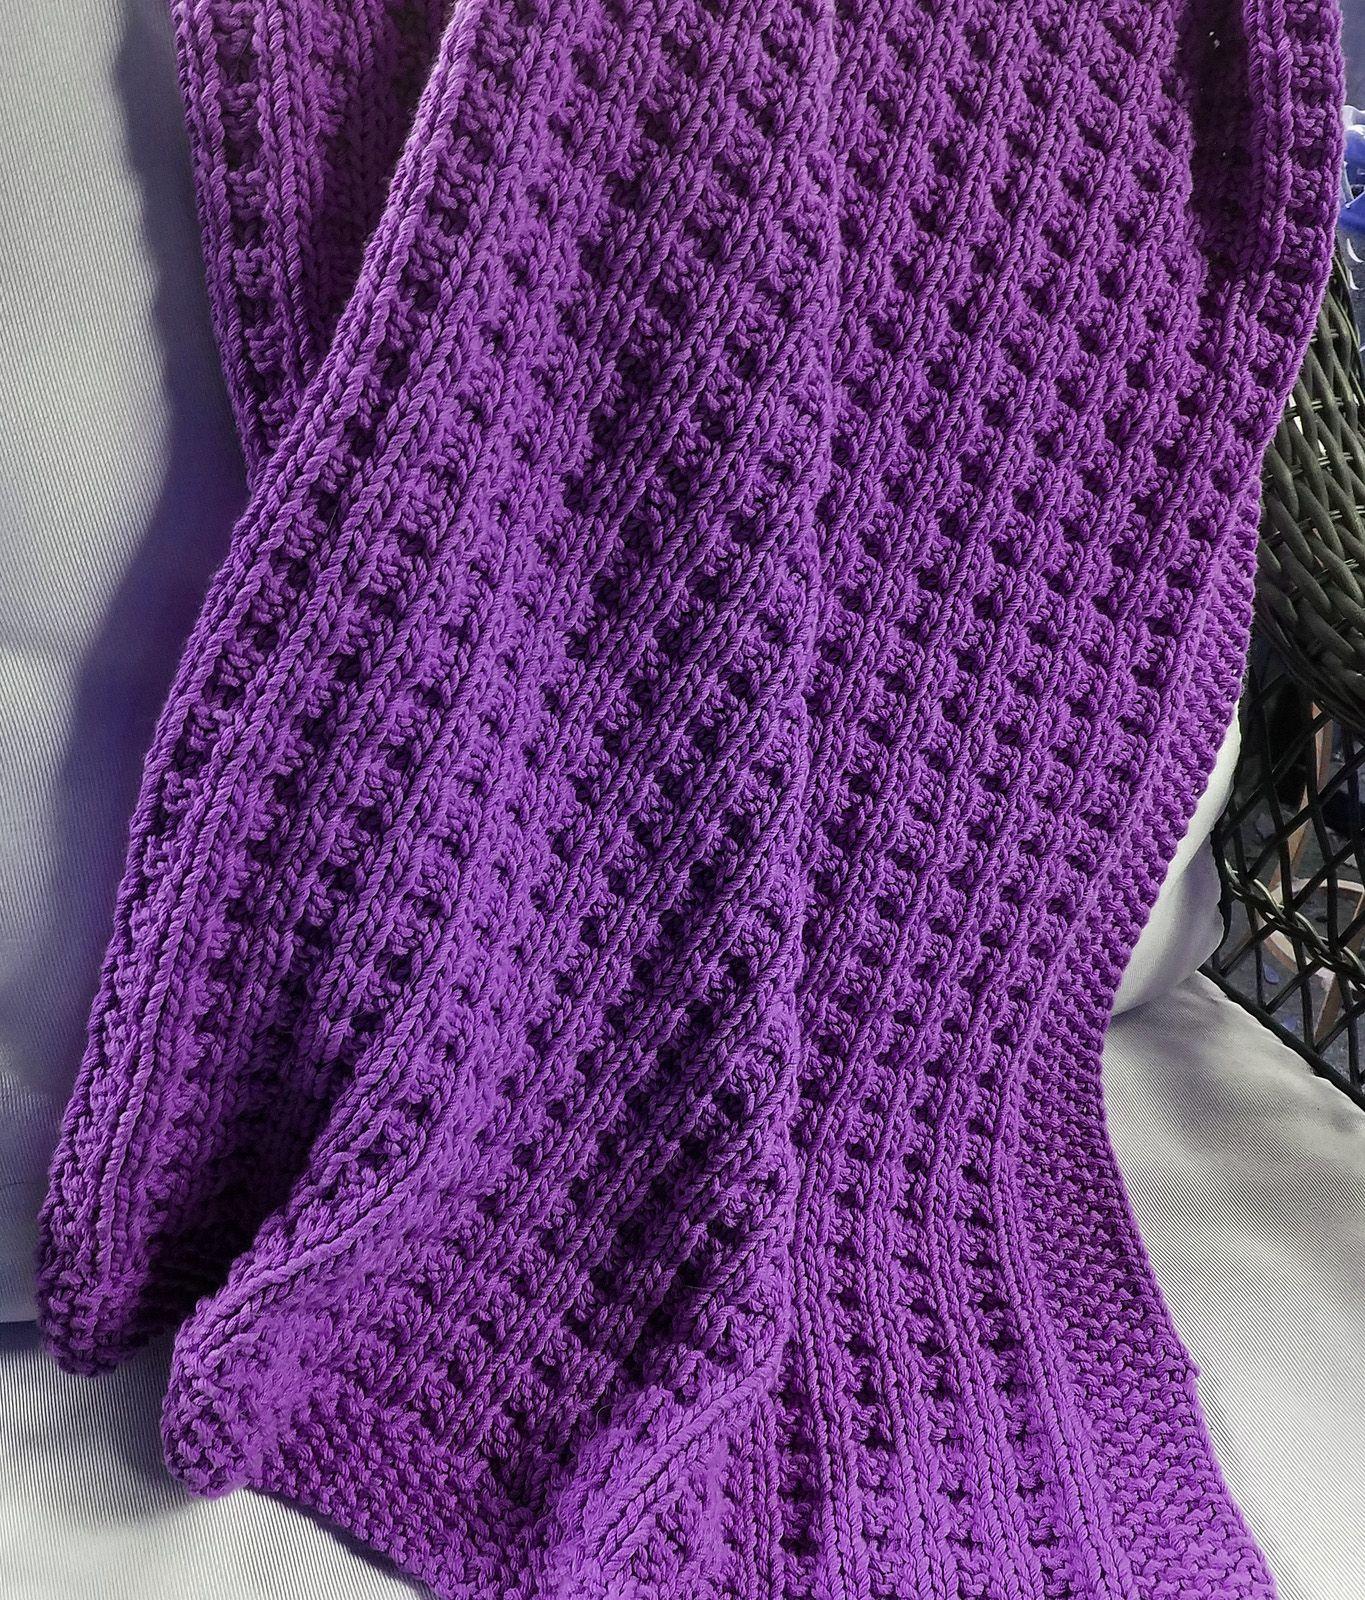 Patron Gratuit Tricot pour Blanket Bébé Tendresse | yarn | Pinterest ...